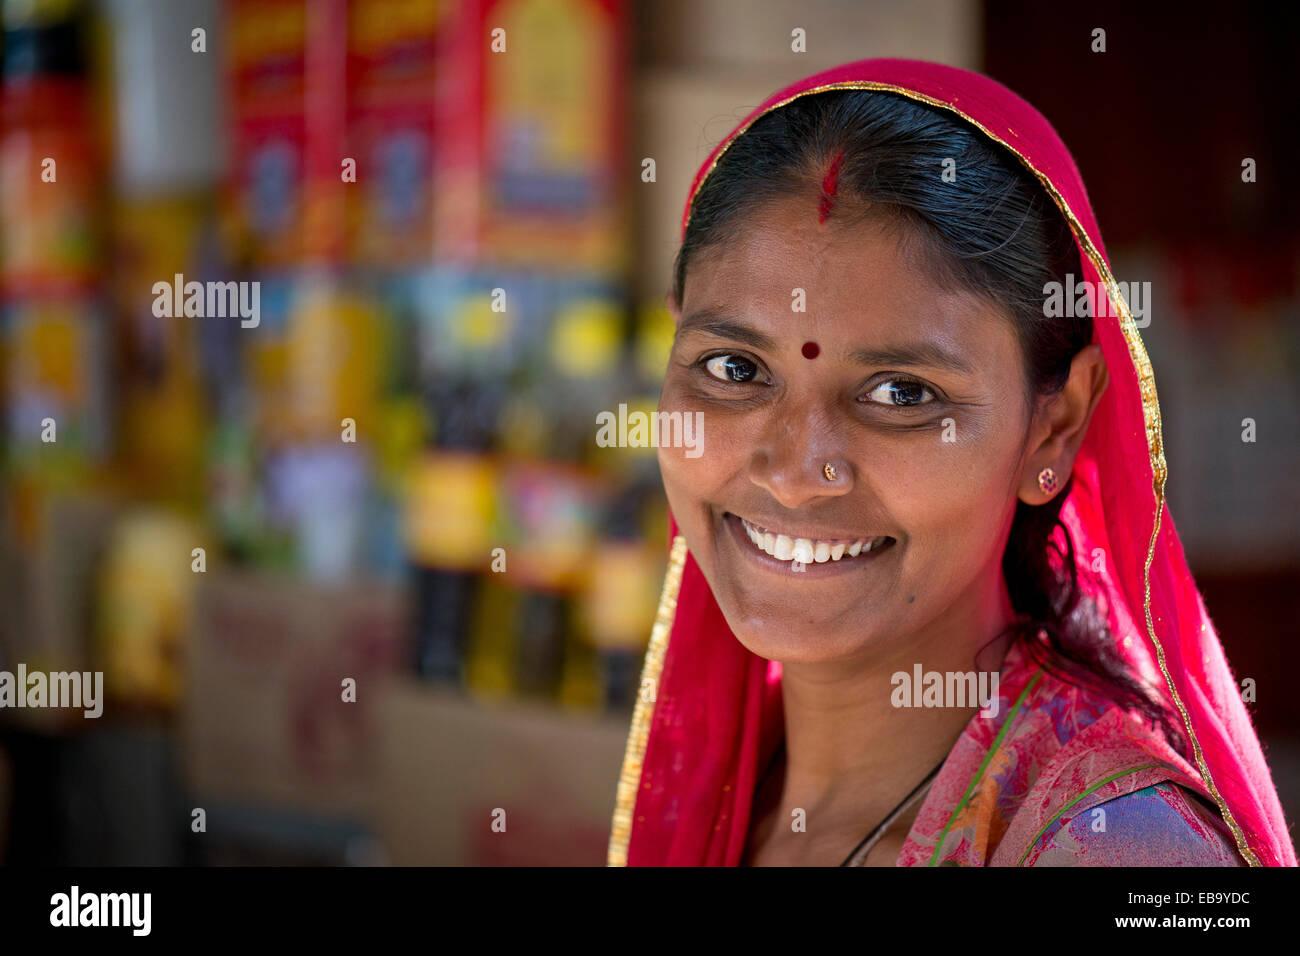 Sorridente donna Indiana che indossa una sciarpa dupatta con un bindi, ritratto, Jodhpur, Rajasthan, India Immagini Stock